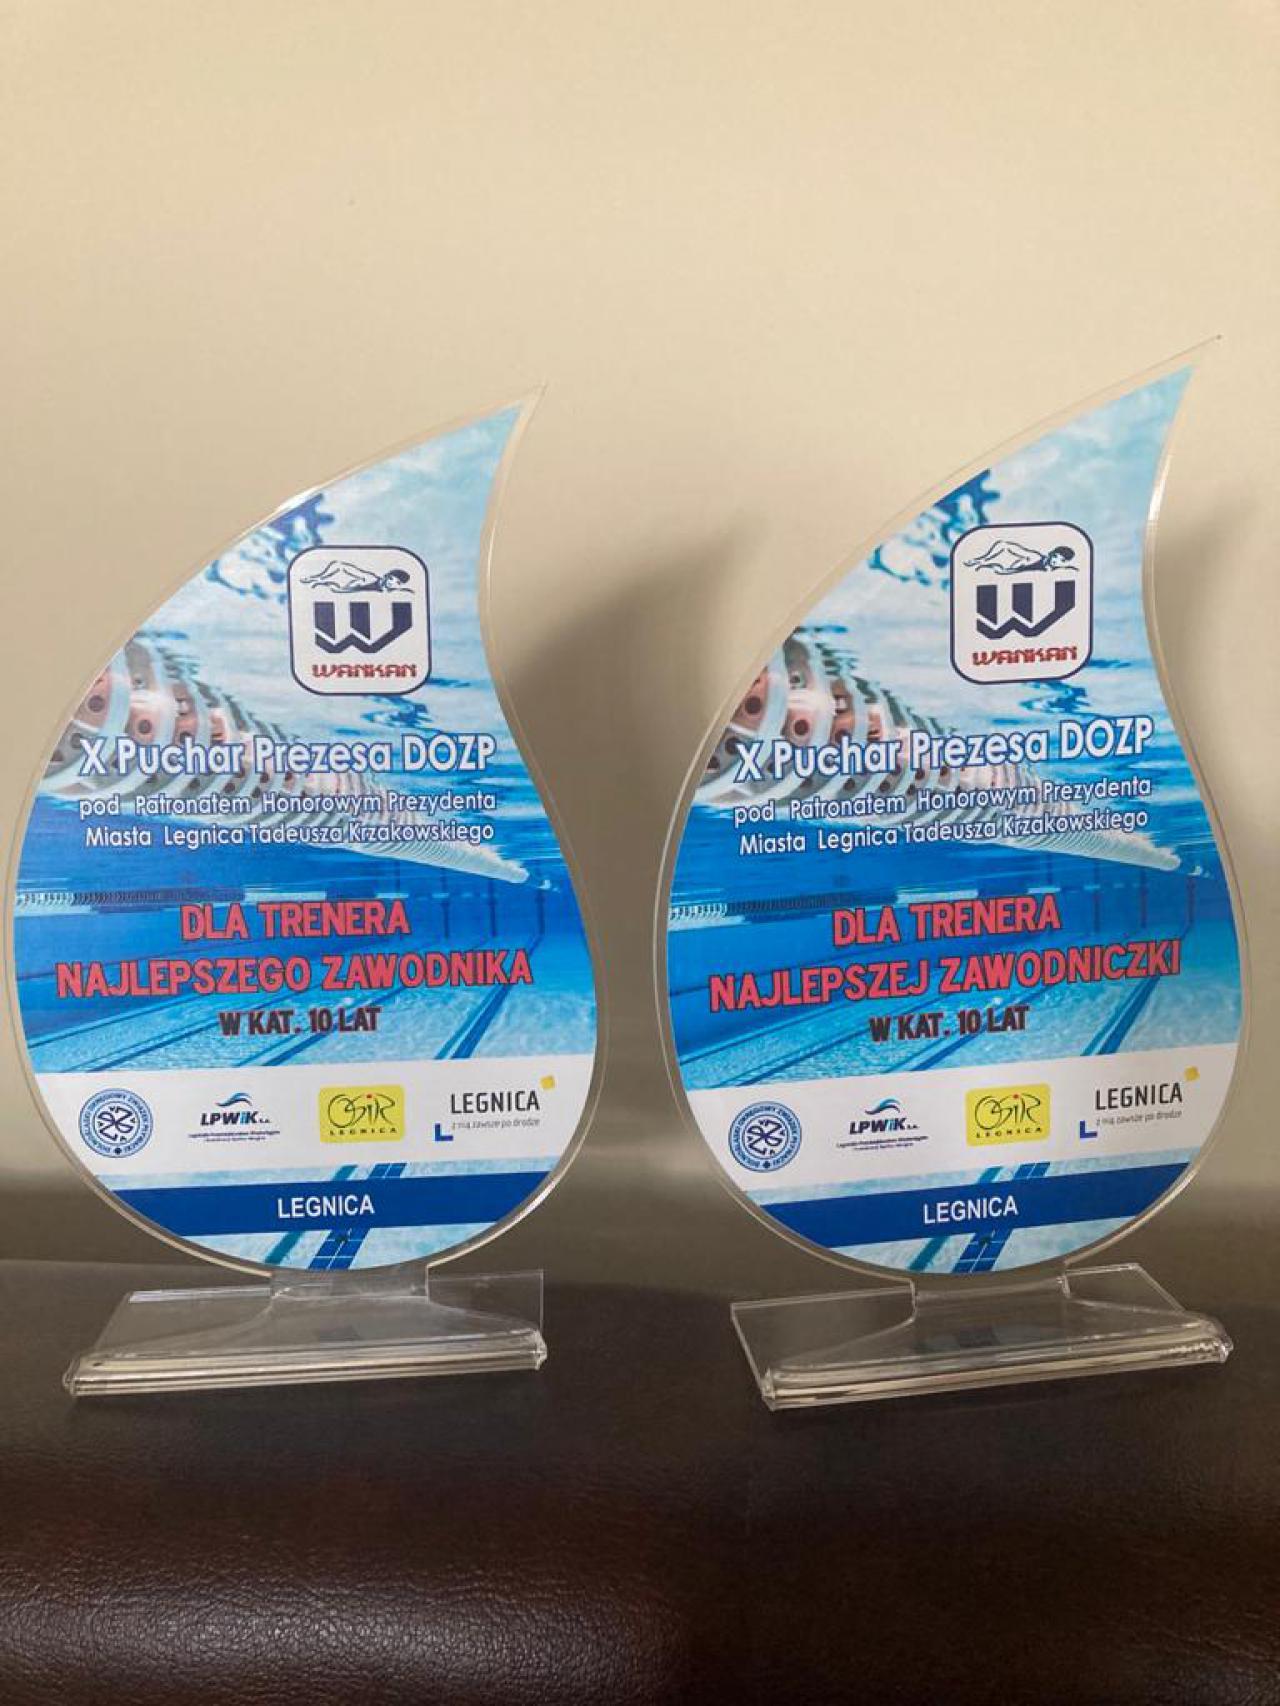 KS BALTI: X Puchar Prezesa DOZP